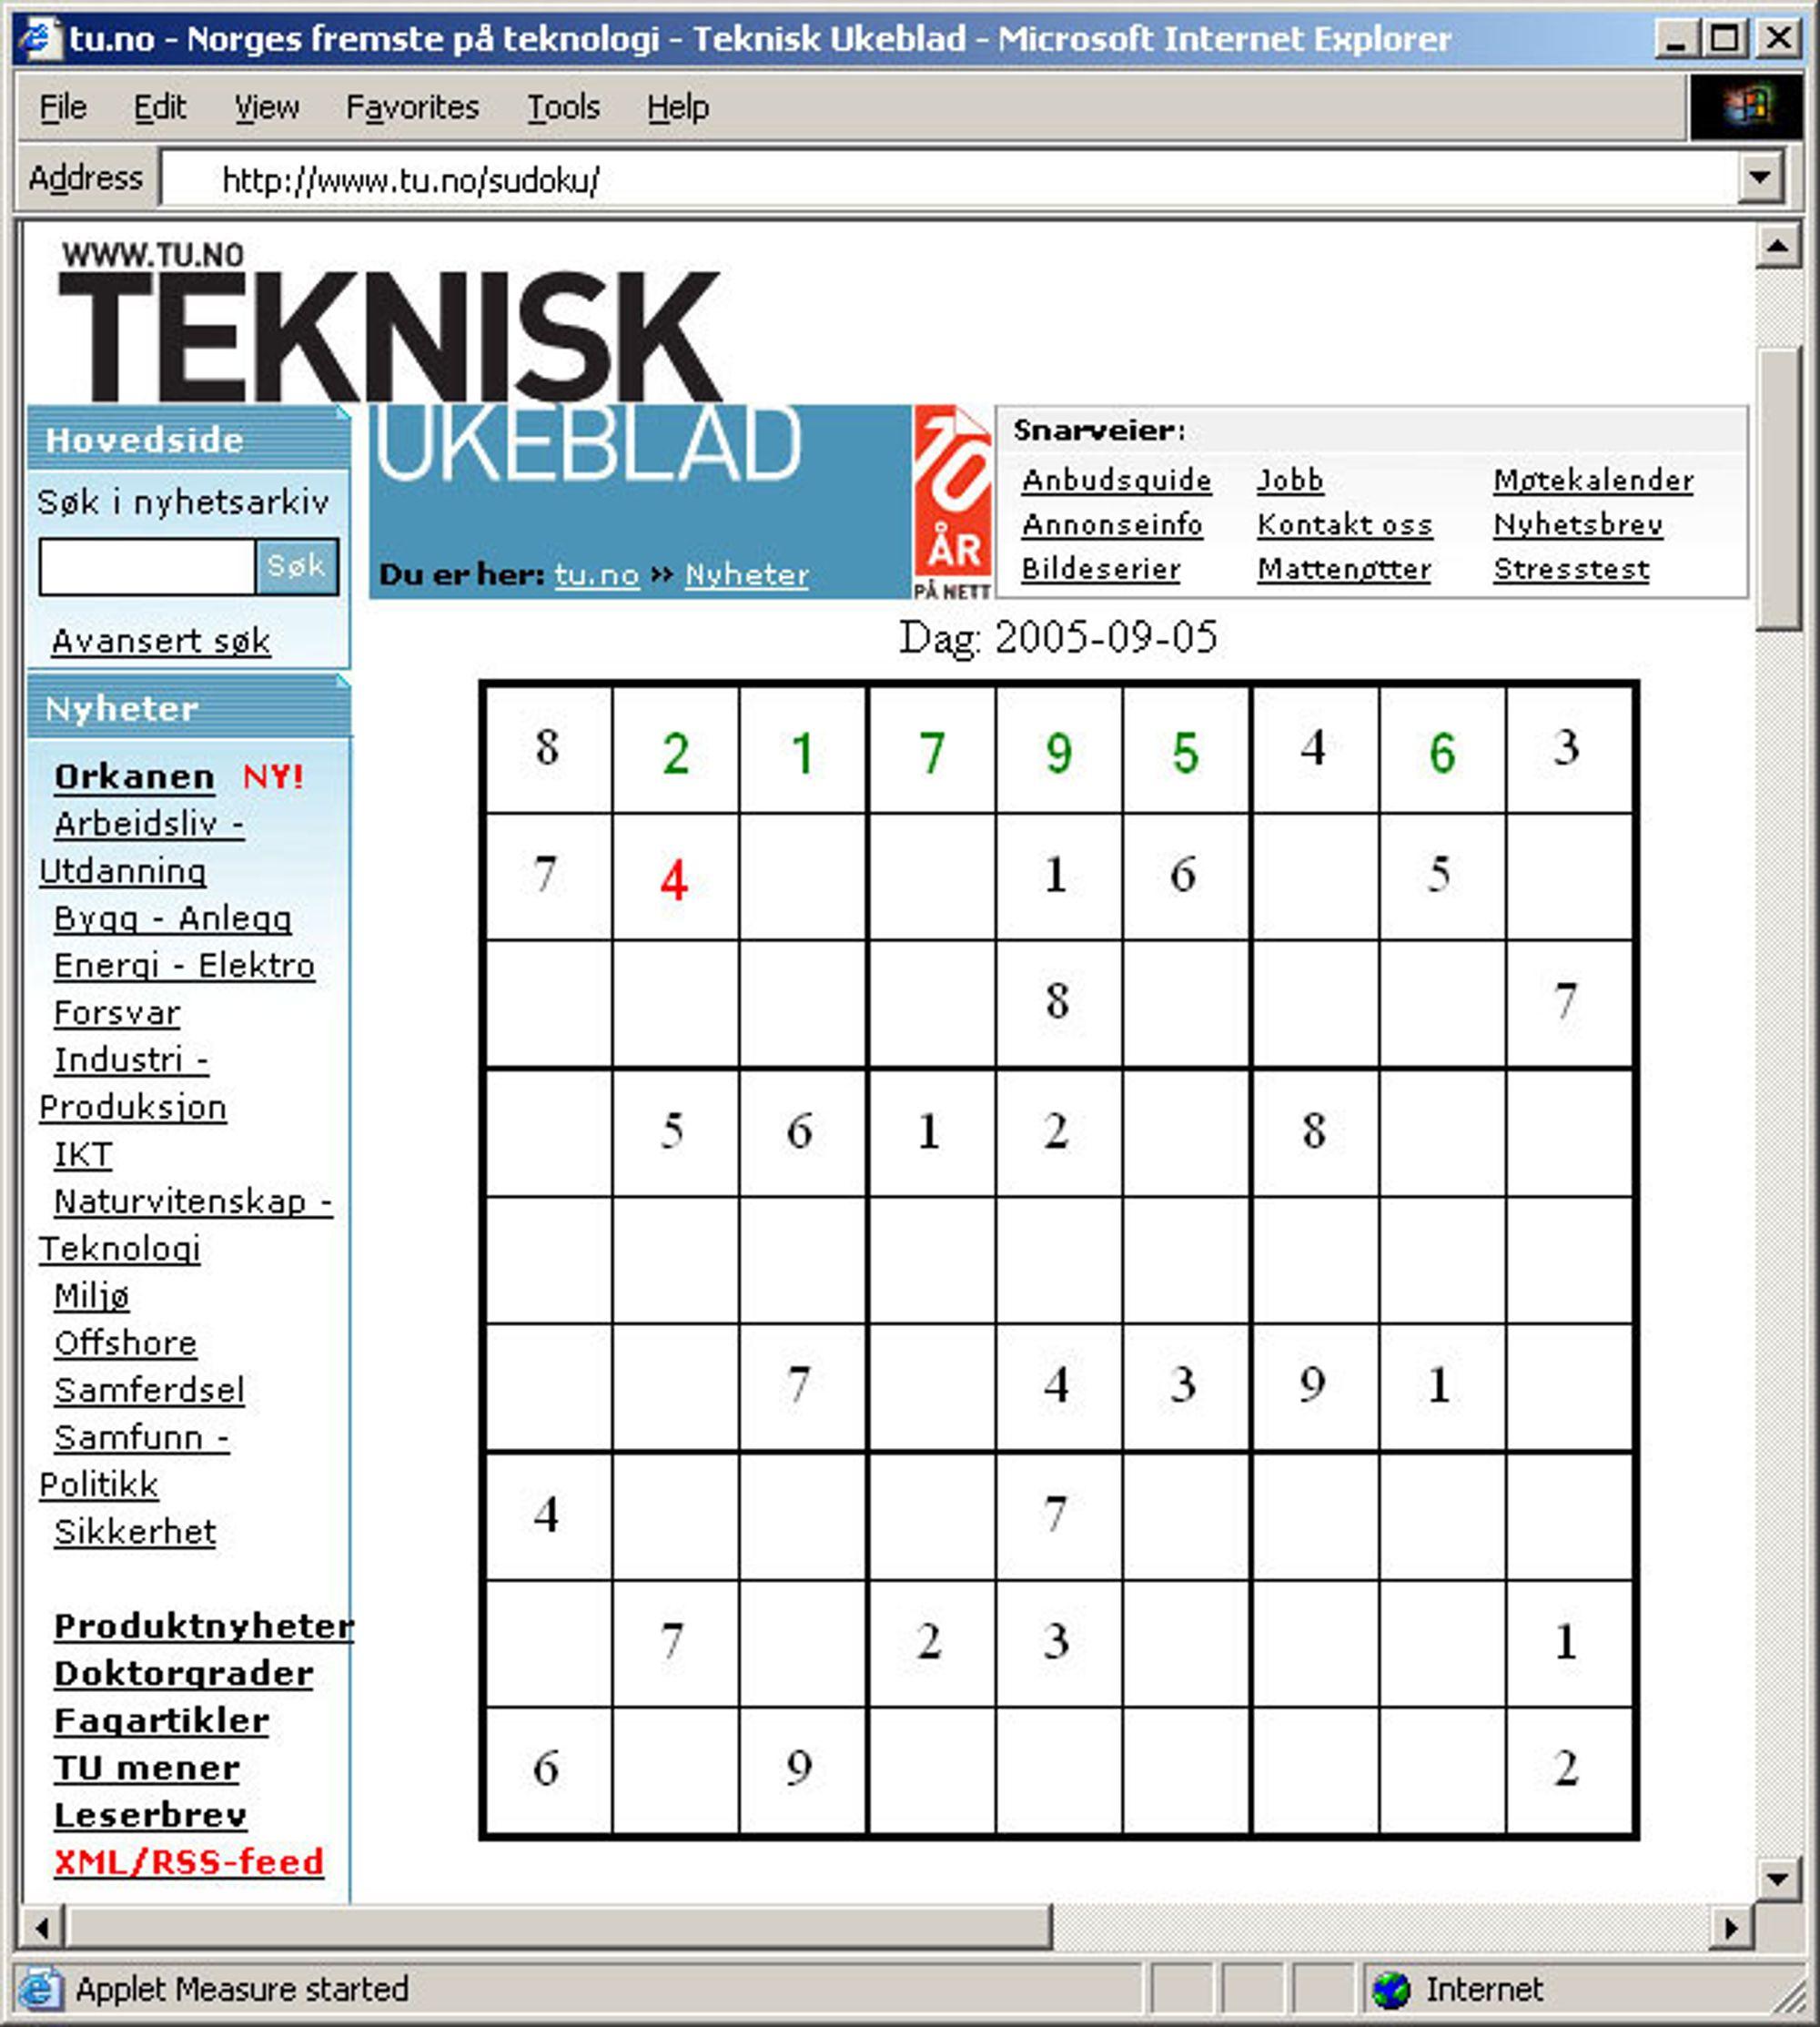 Spill Sudoku på www.tu.no!